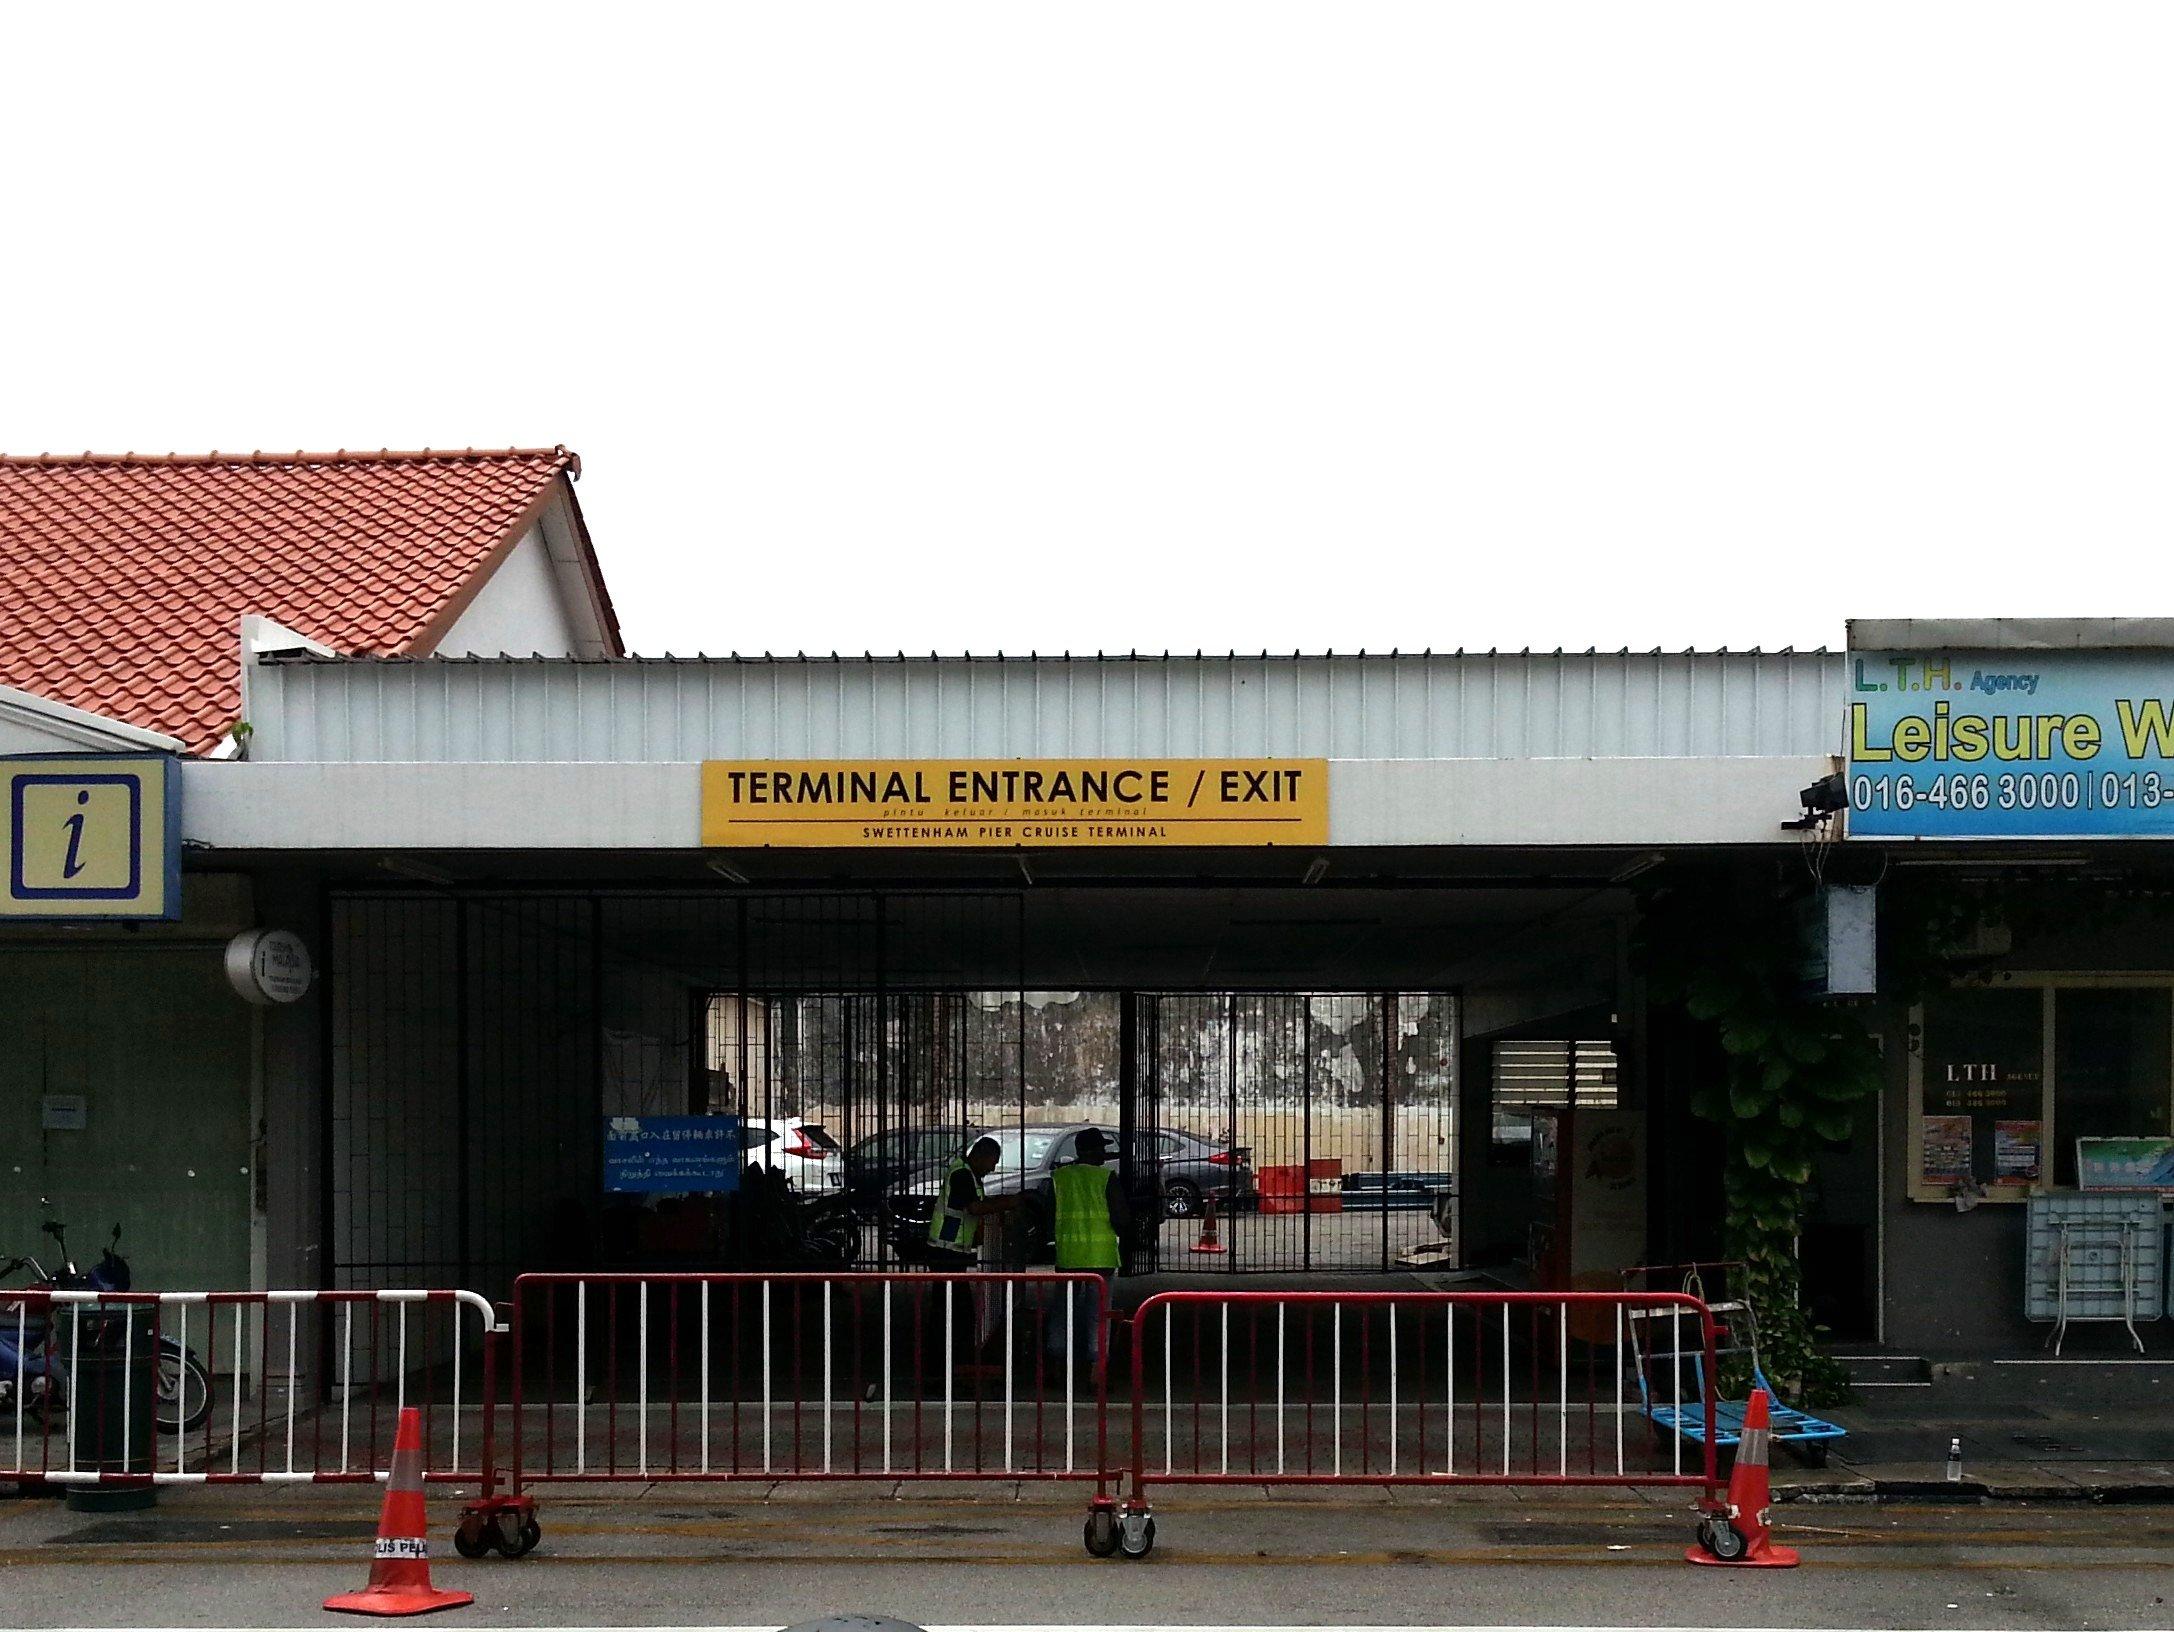 Passenger entrance to Sweetenham Pier